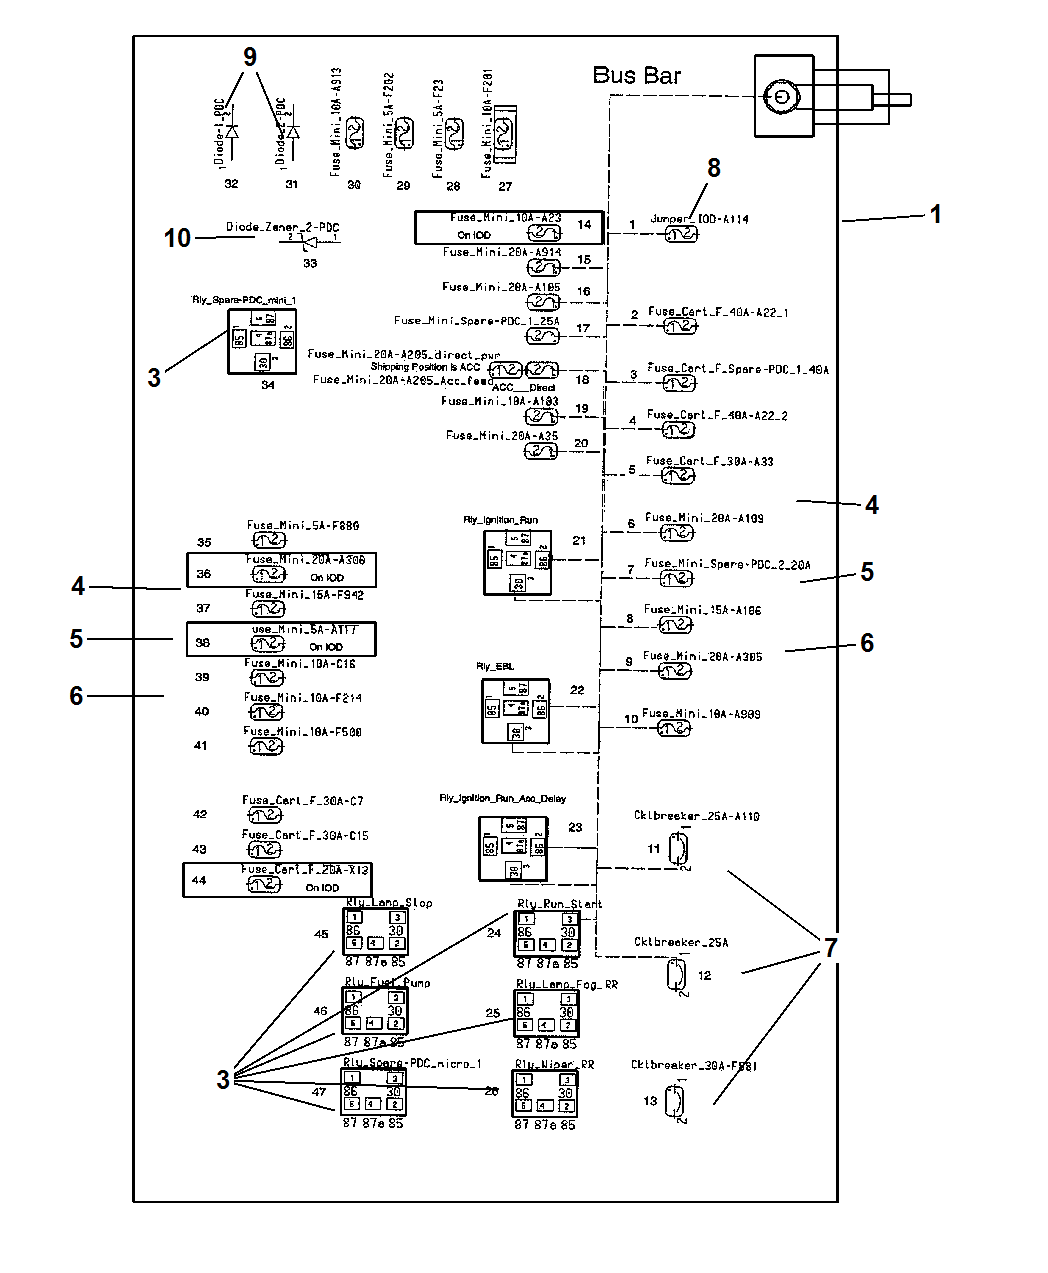 2005 chrysler 300 fuse box pdf - wiring diagram 2002 taurus station wagon  for wiring diagram schematics  wiring diagram schematics